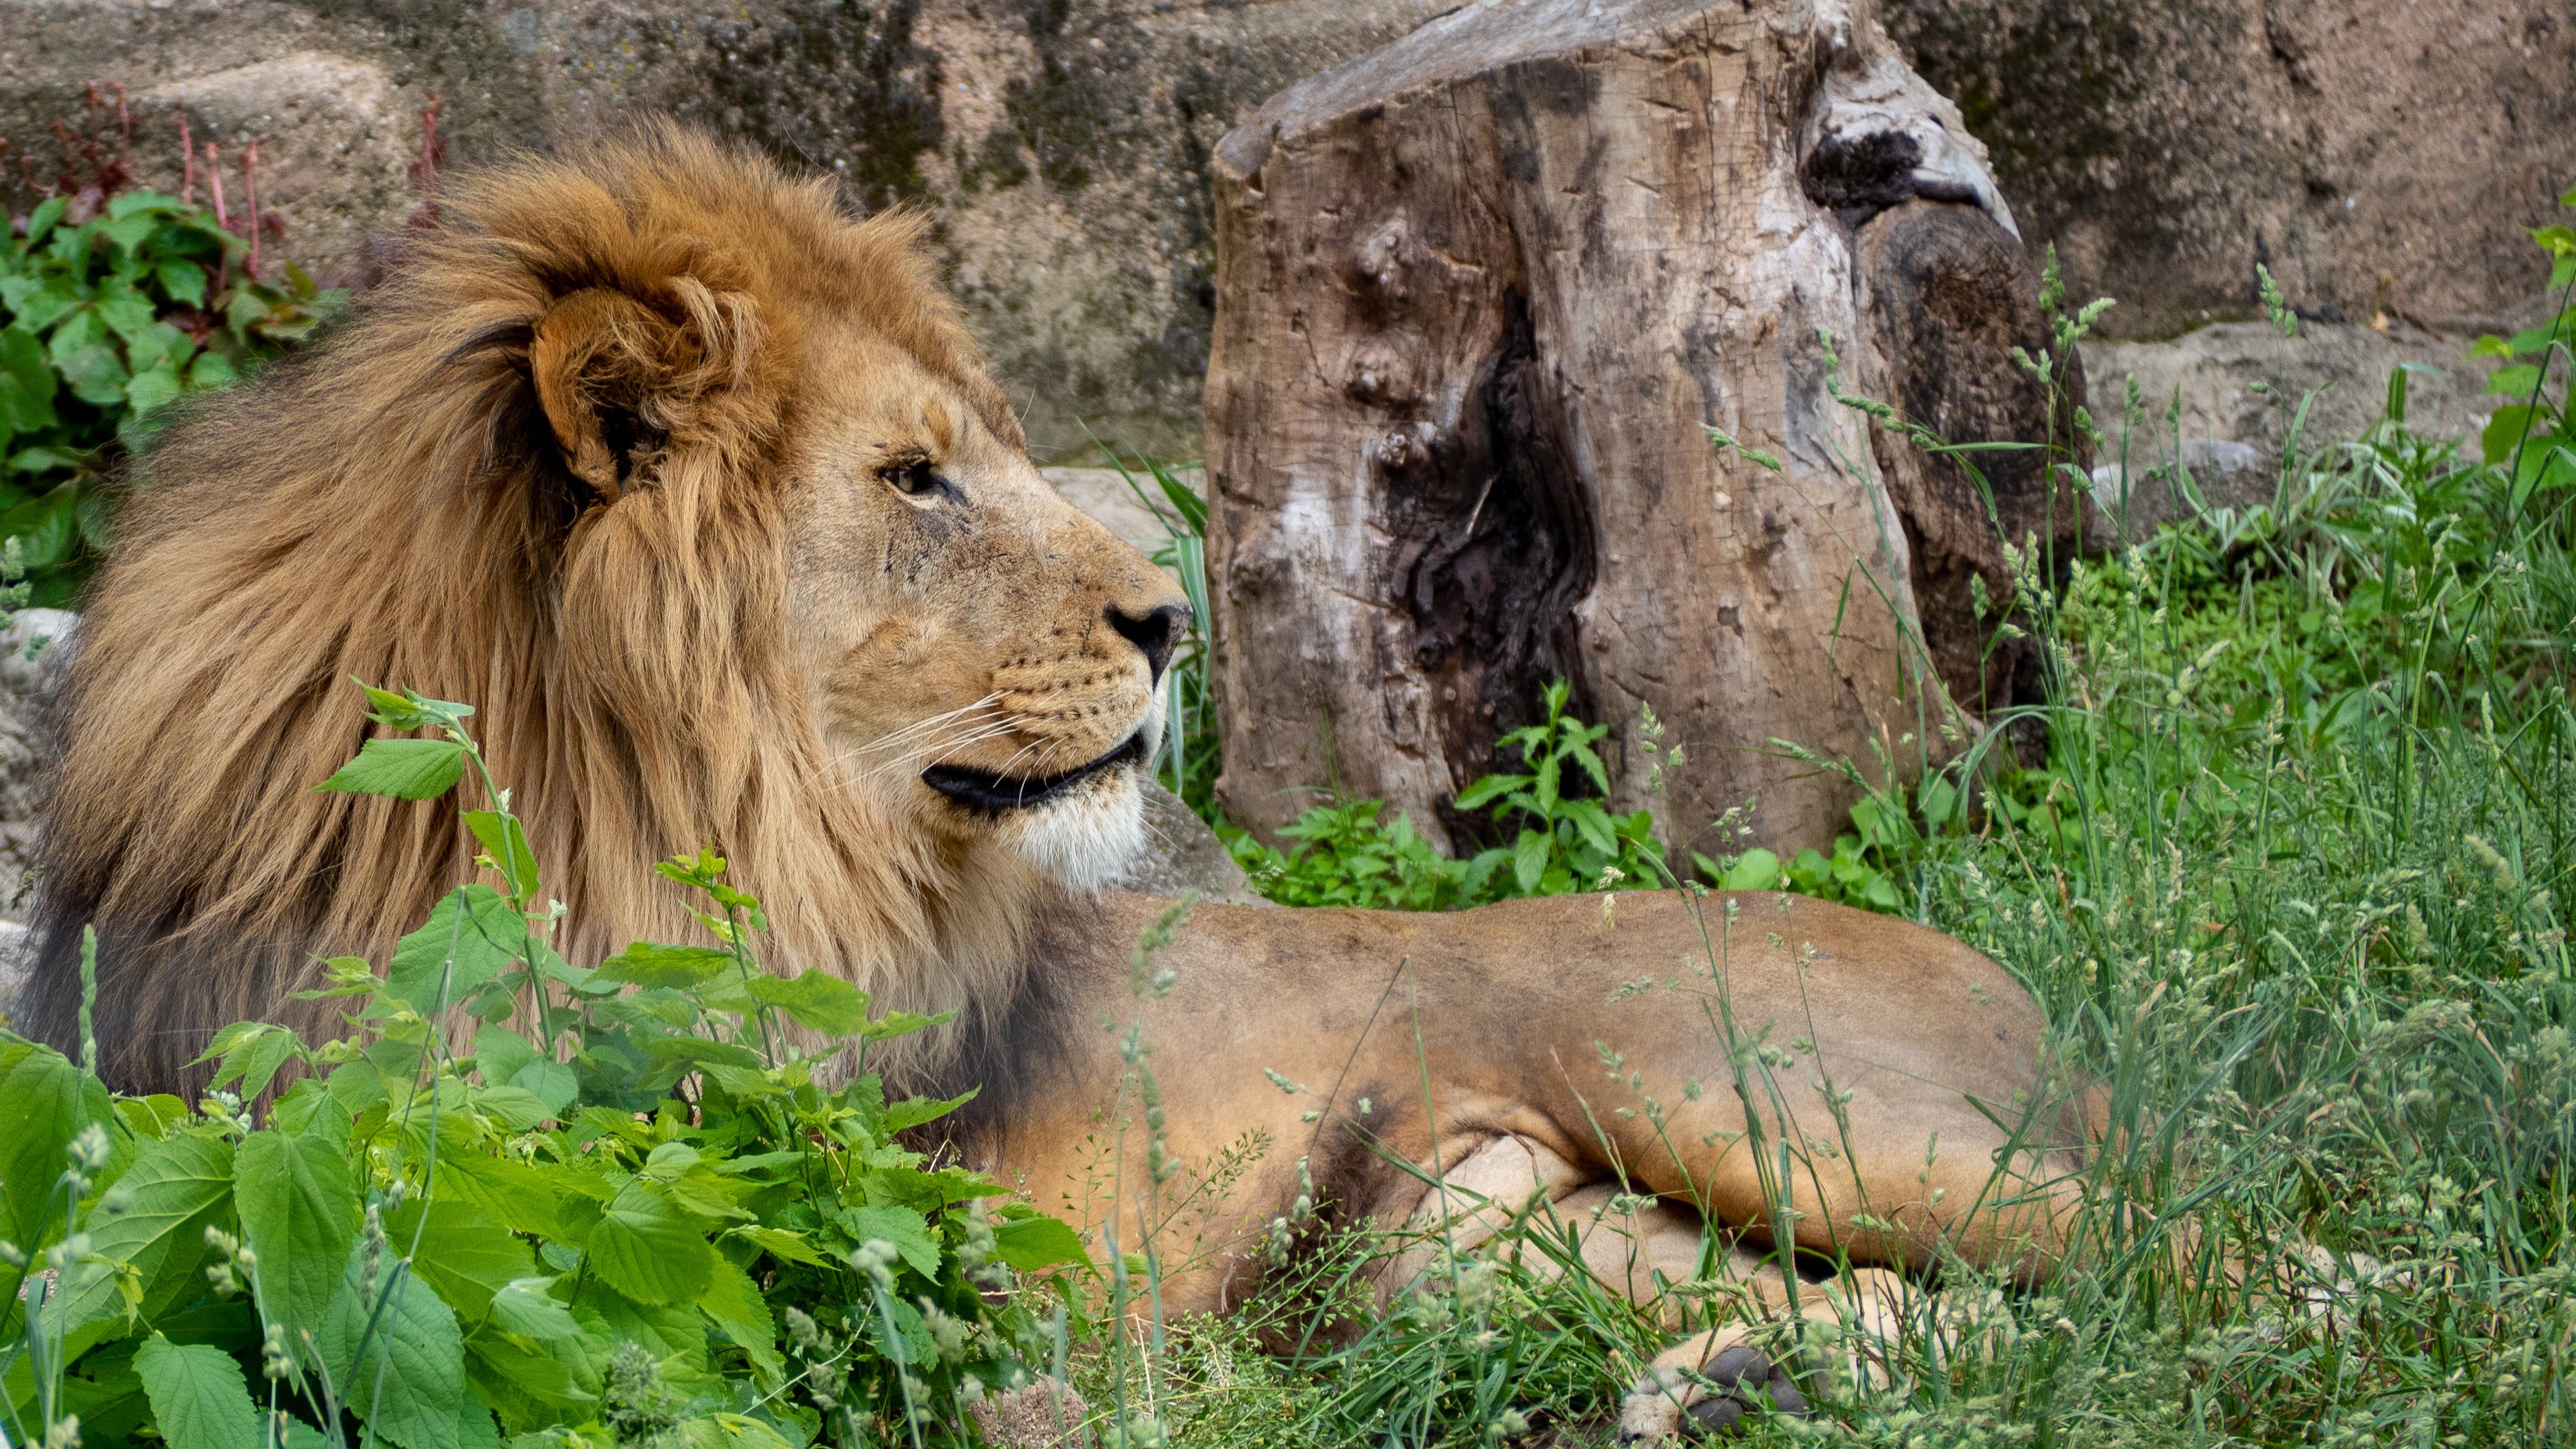 99963 Protetores de tela e papéis de parede Rei Das Feras em seu telefone. Baixe Animais, Leão, Um Leão, Gato Grande, Animal, Rei Das Feras, Rei Das Bestas fotos gratuitamente